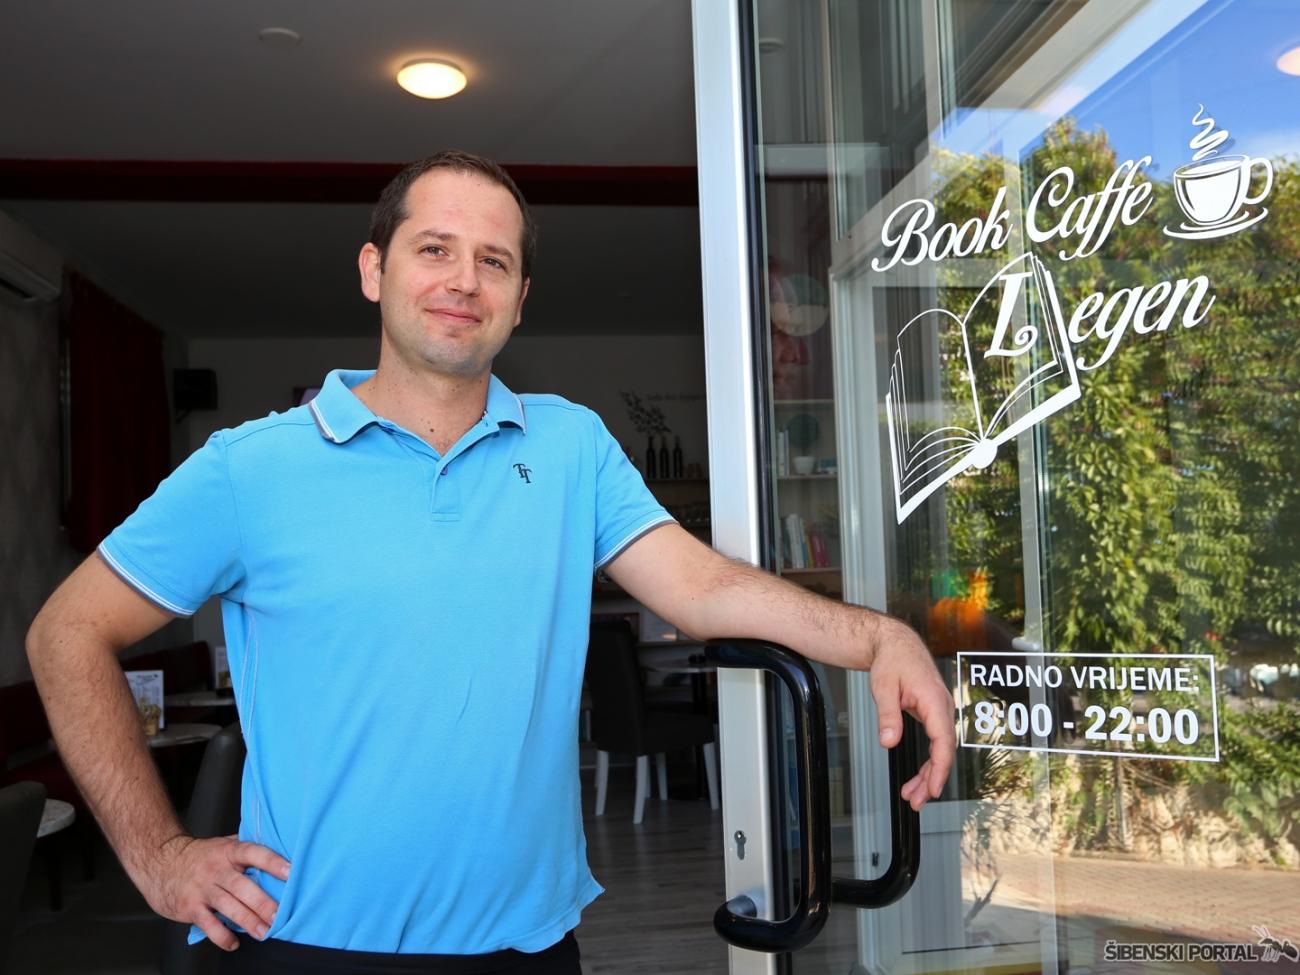 book caffe legen vidici 070917 13